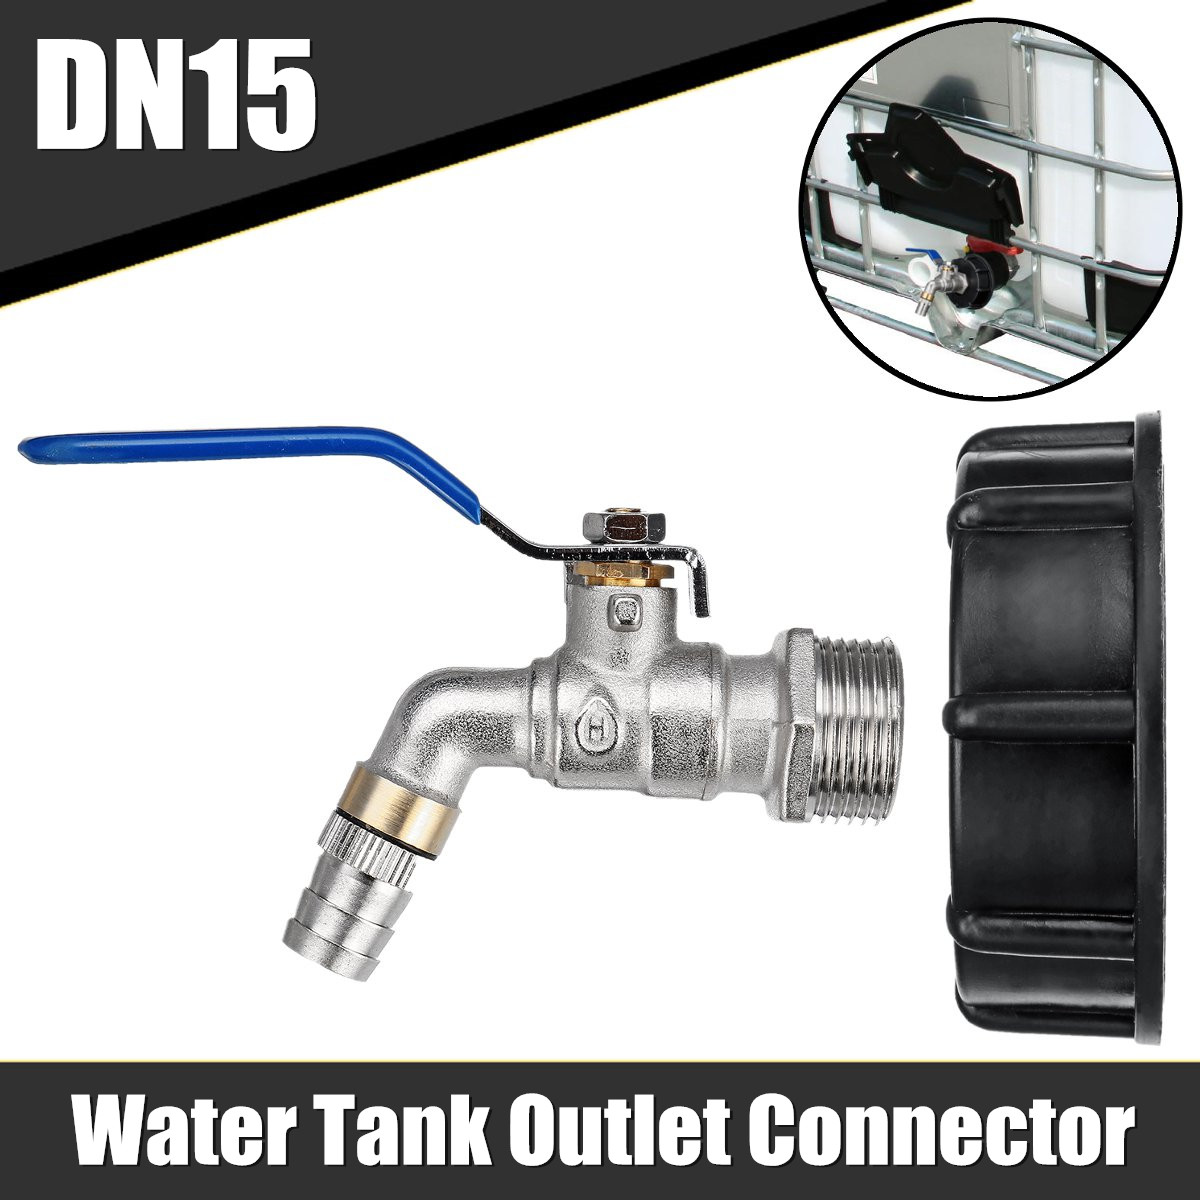 Aletler'ten Alet Parçaları'de S60X6 DN15 su deposu çıkış konektörü dişi montaj için kapaklı IBC tankı aracı parçaları title=